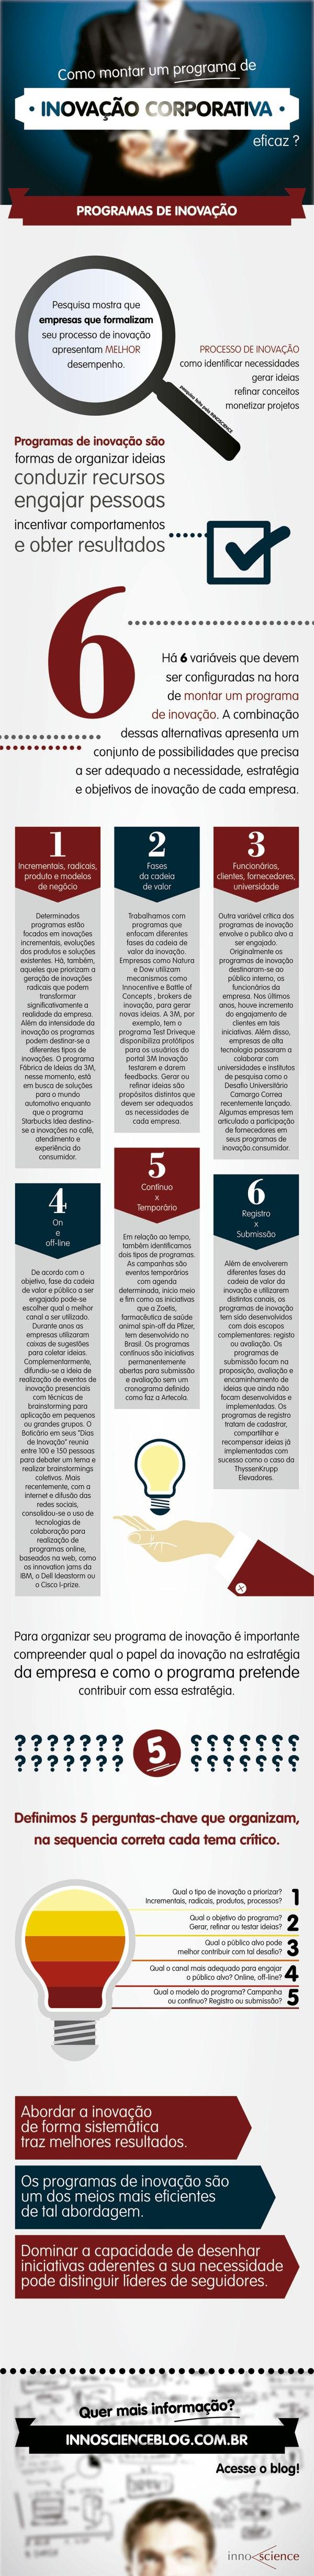 infografico-programa-de-inovacao-corporativo